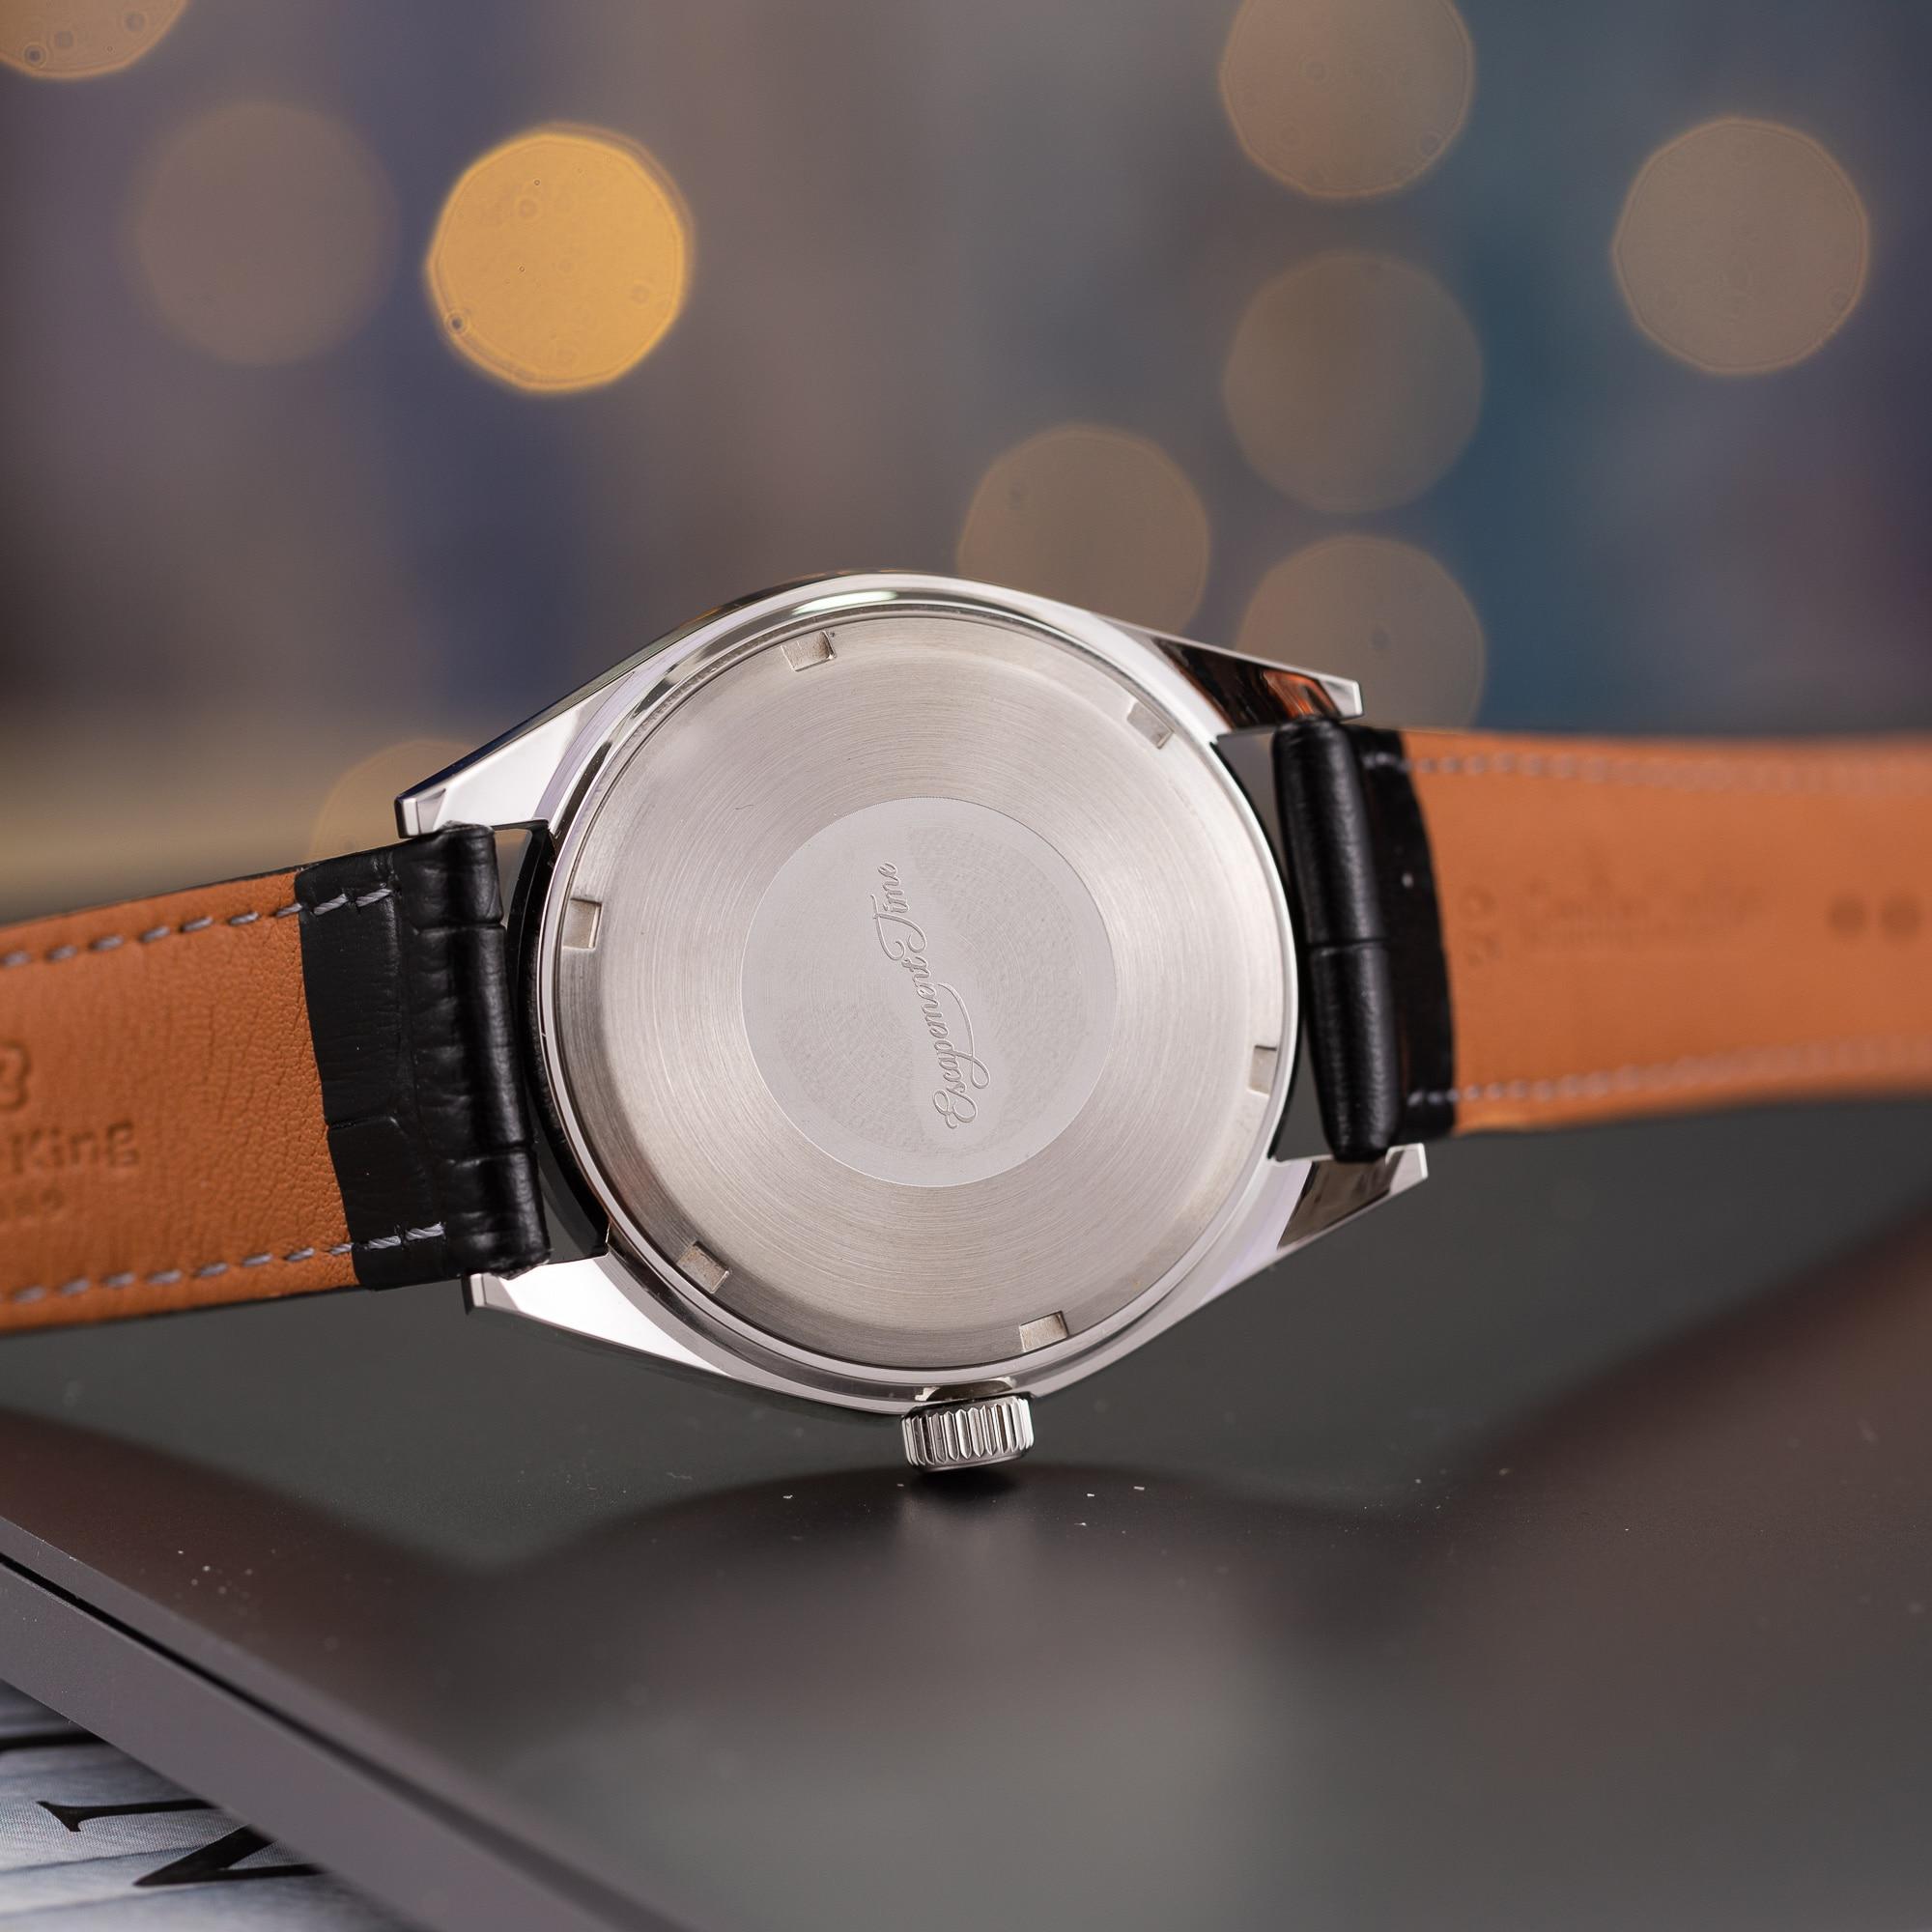 【Escapement time】Quartz Watch 40mm Case VH31  Heat Treatment Hand 5